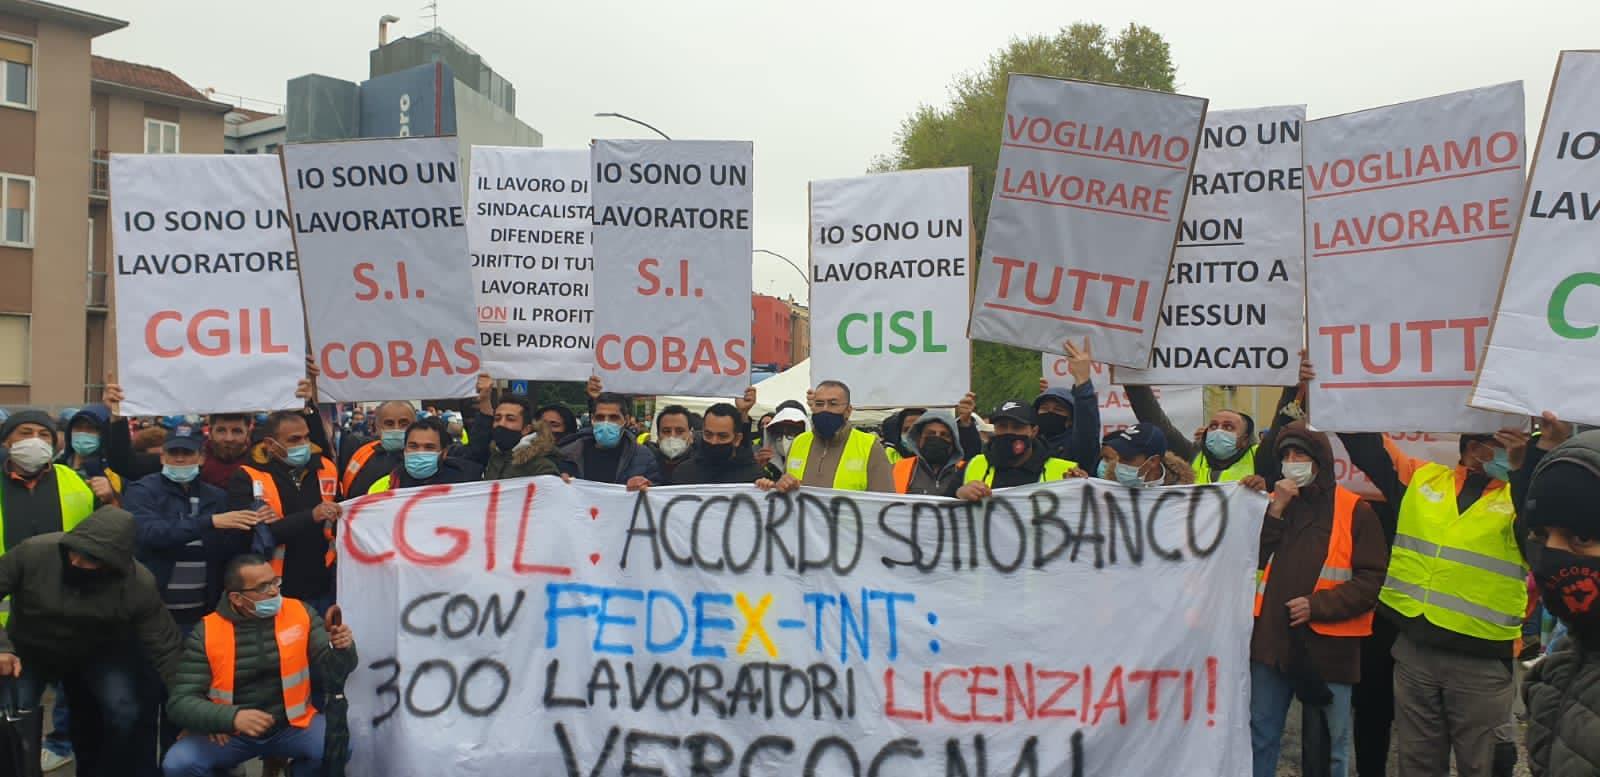 Italia Gobass verso lo sciopero dell'11 ottobre